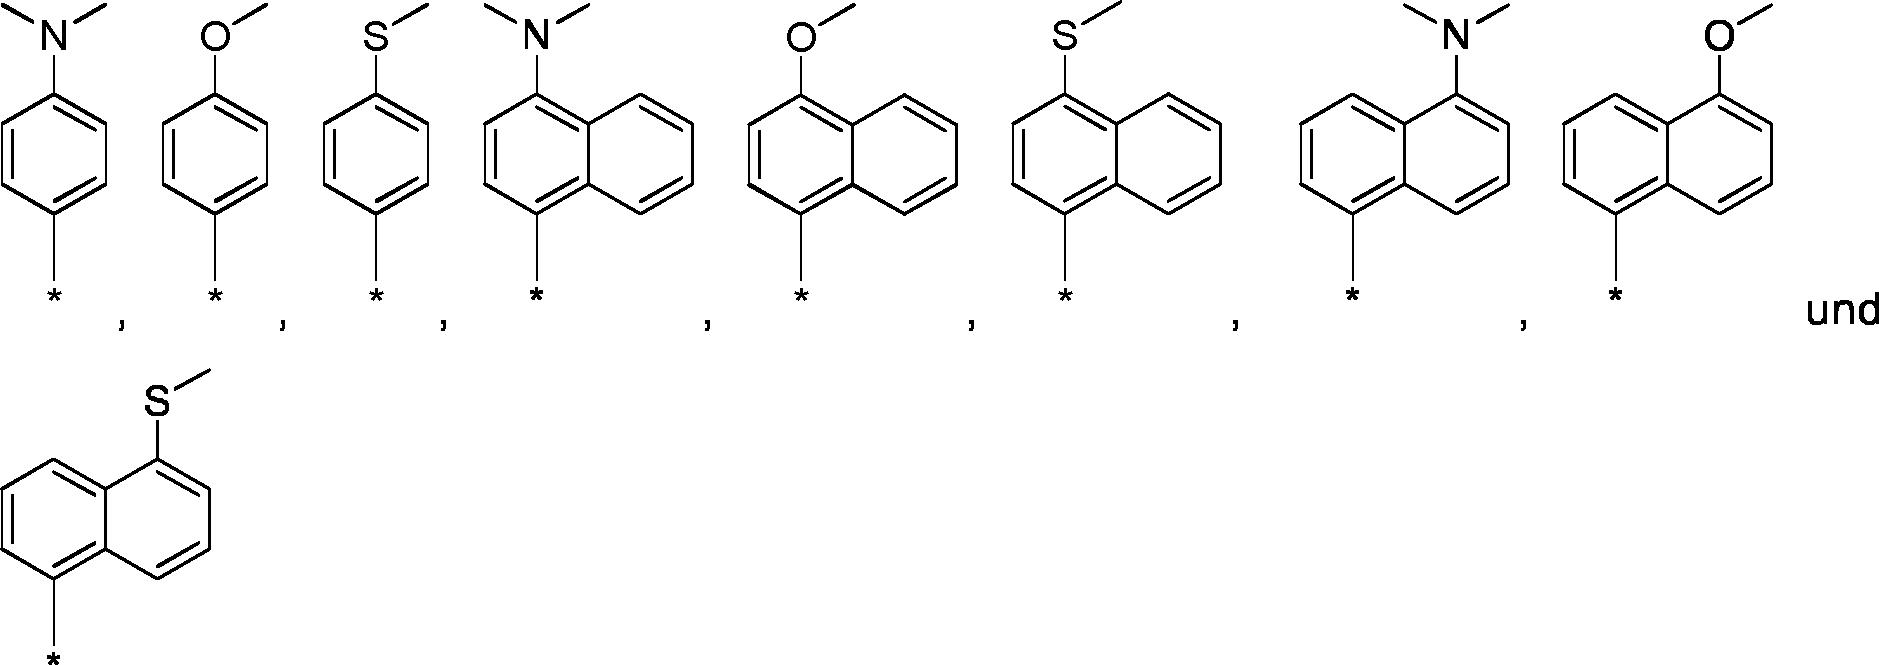 Figure DE112014004152T5_0022